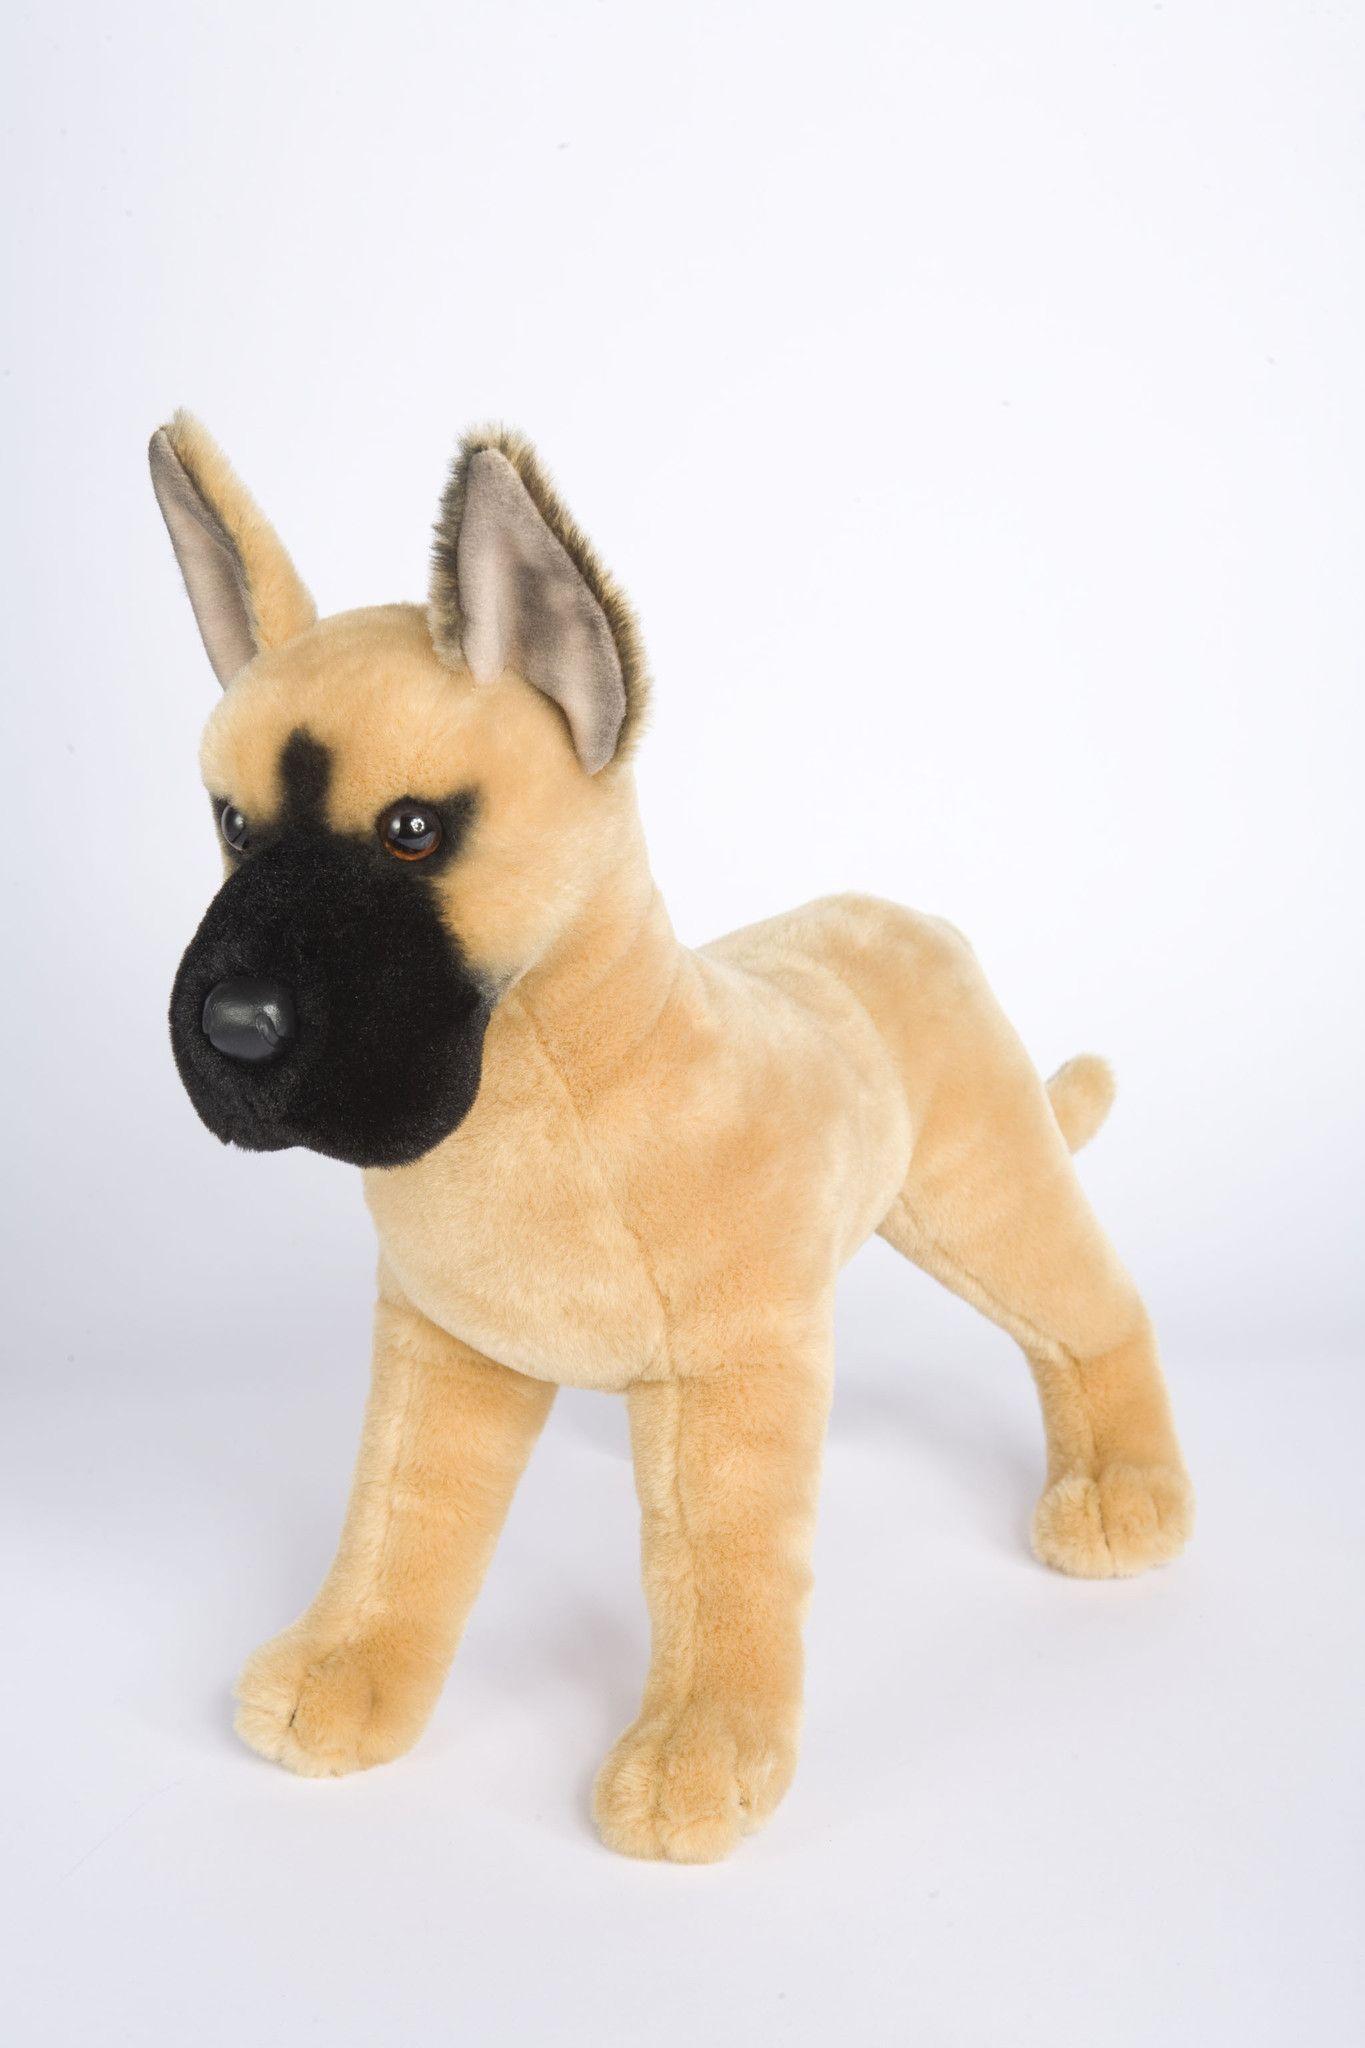 Brute Great Dane Dog Great Dane Dogs Great Dane Rescue Dogs